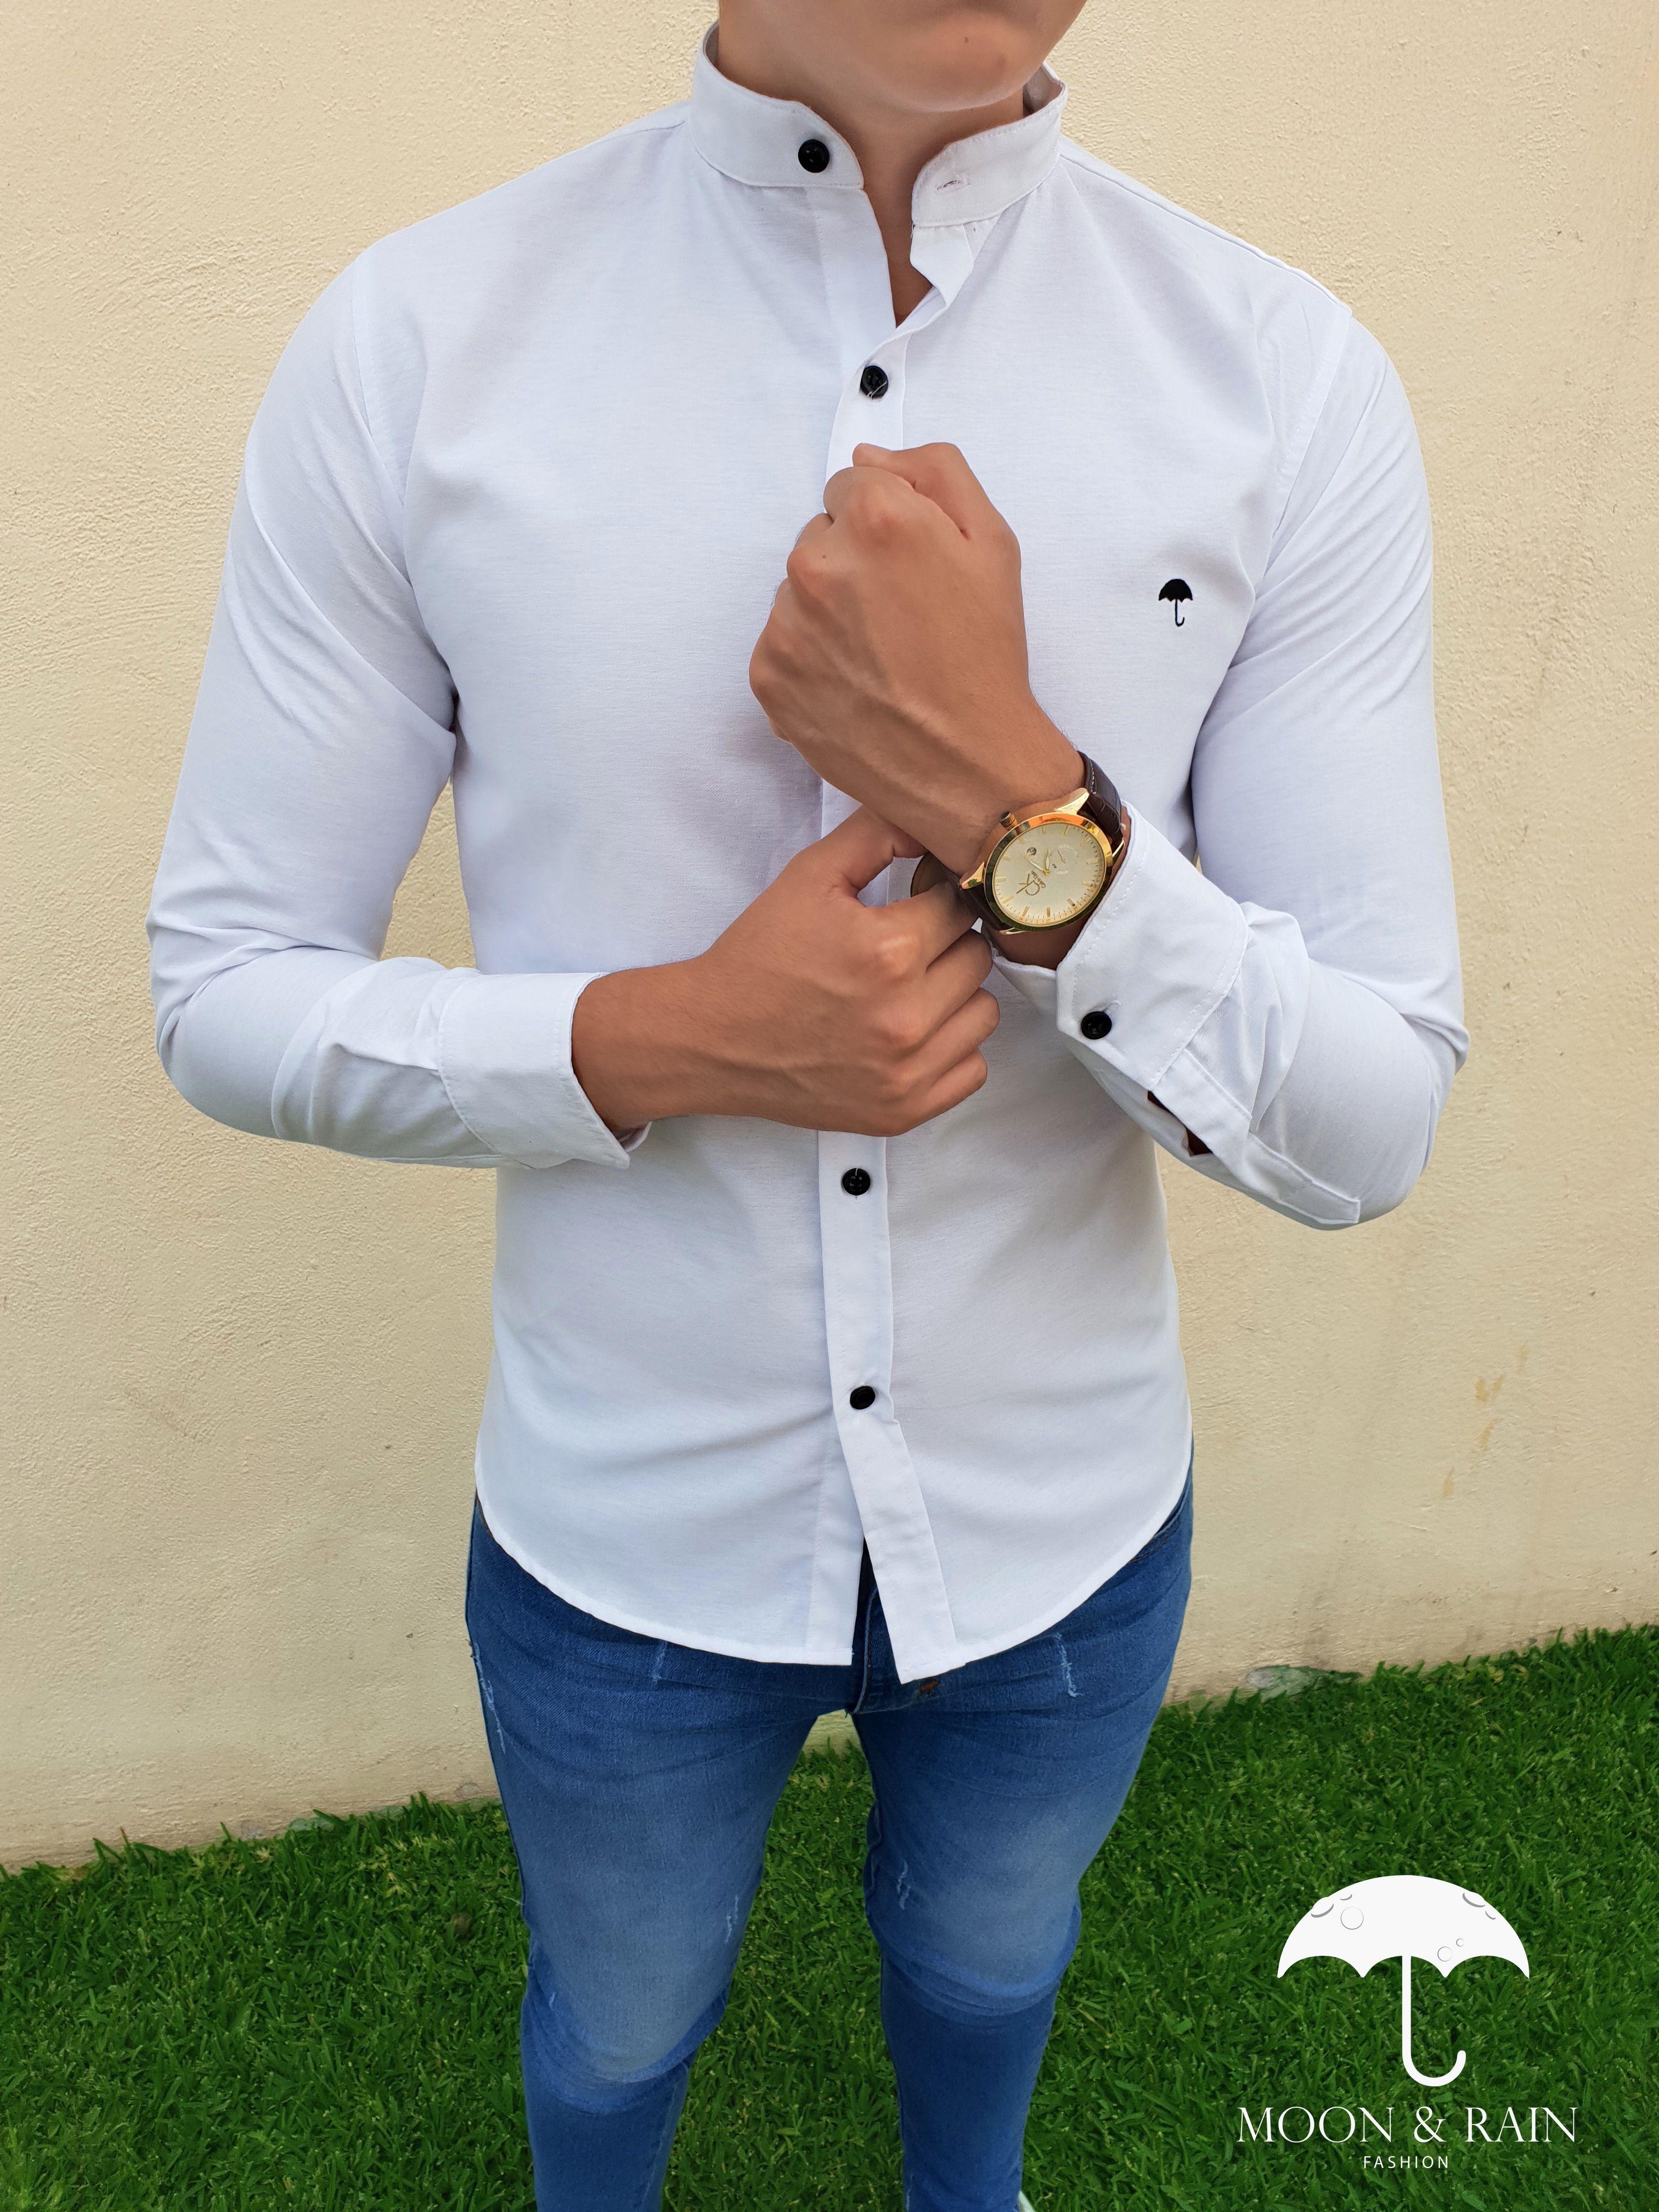 8a71168869991 Outfit para hombre  camisa lisa slim fit blanca en cuello mao y jeans  claros